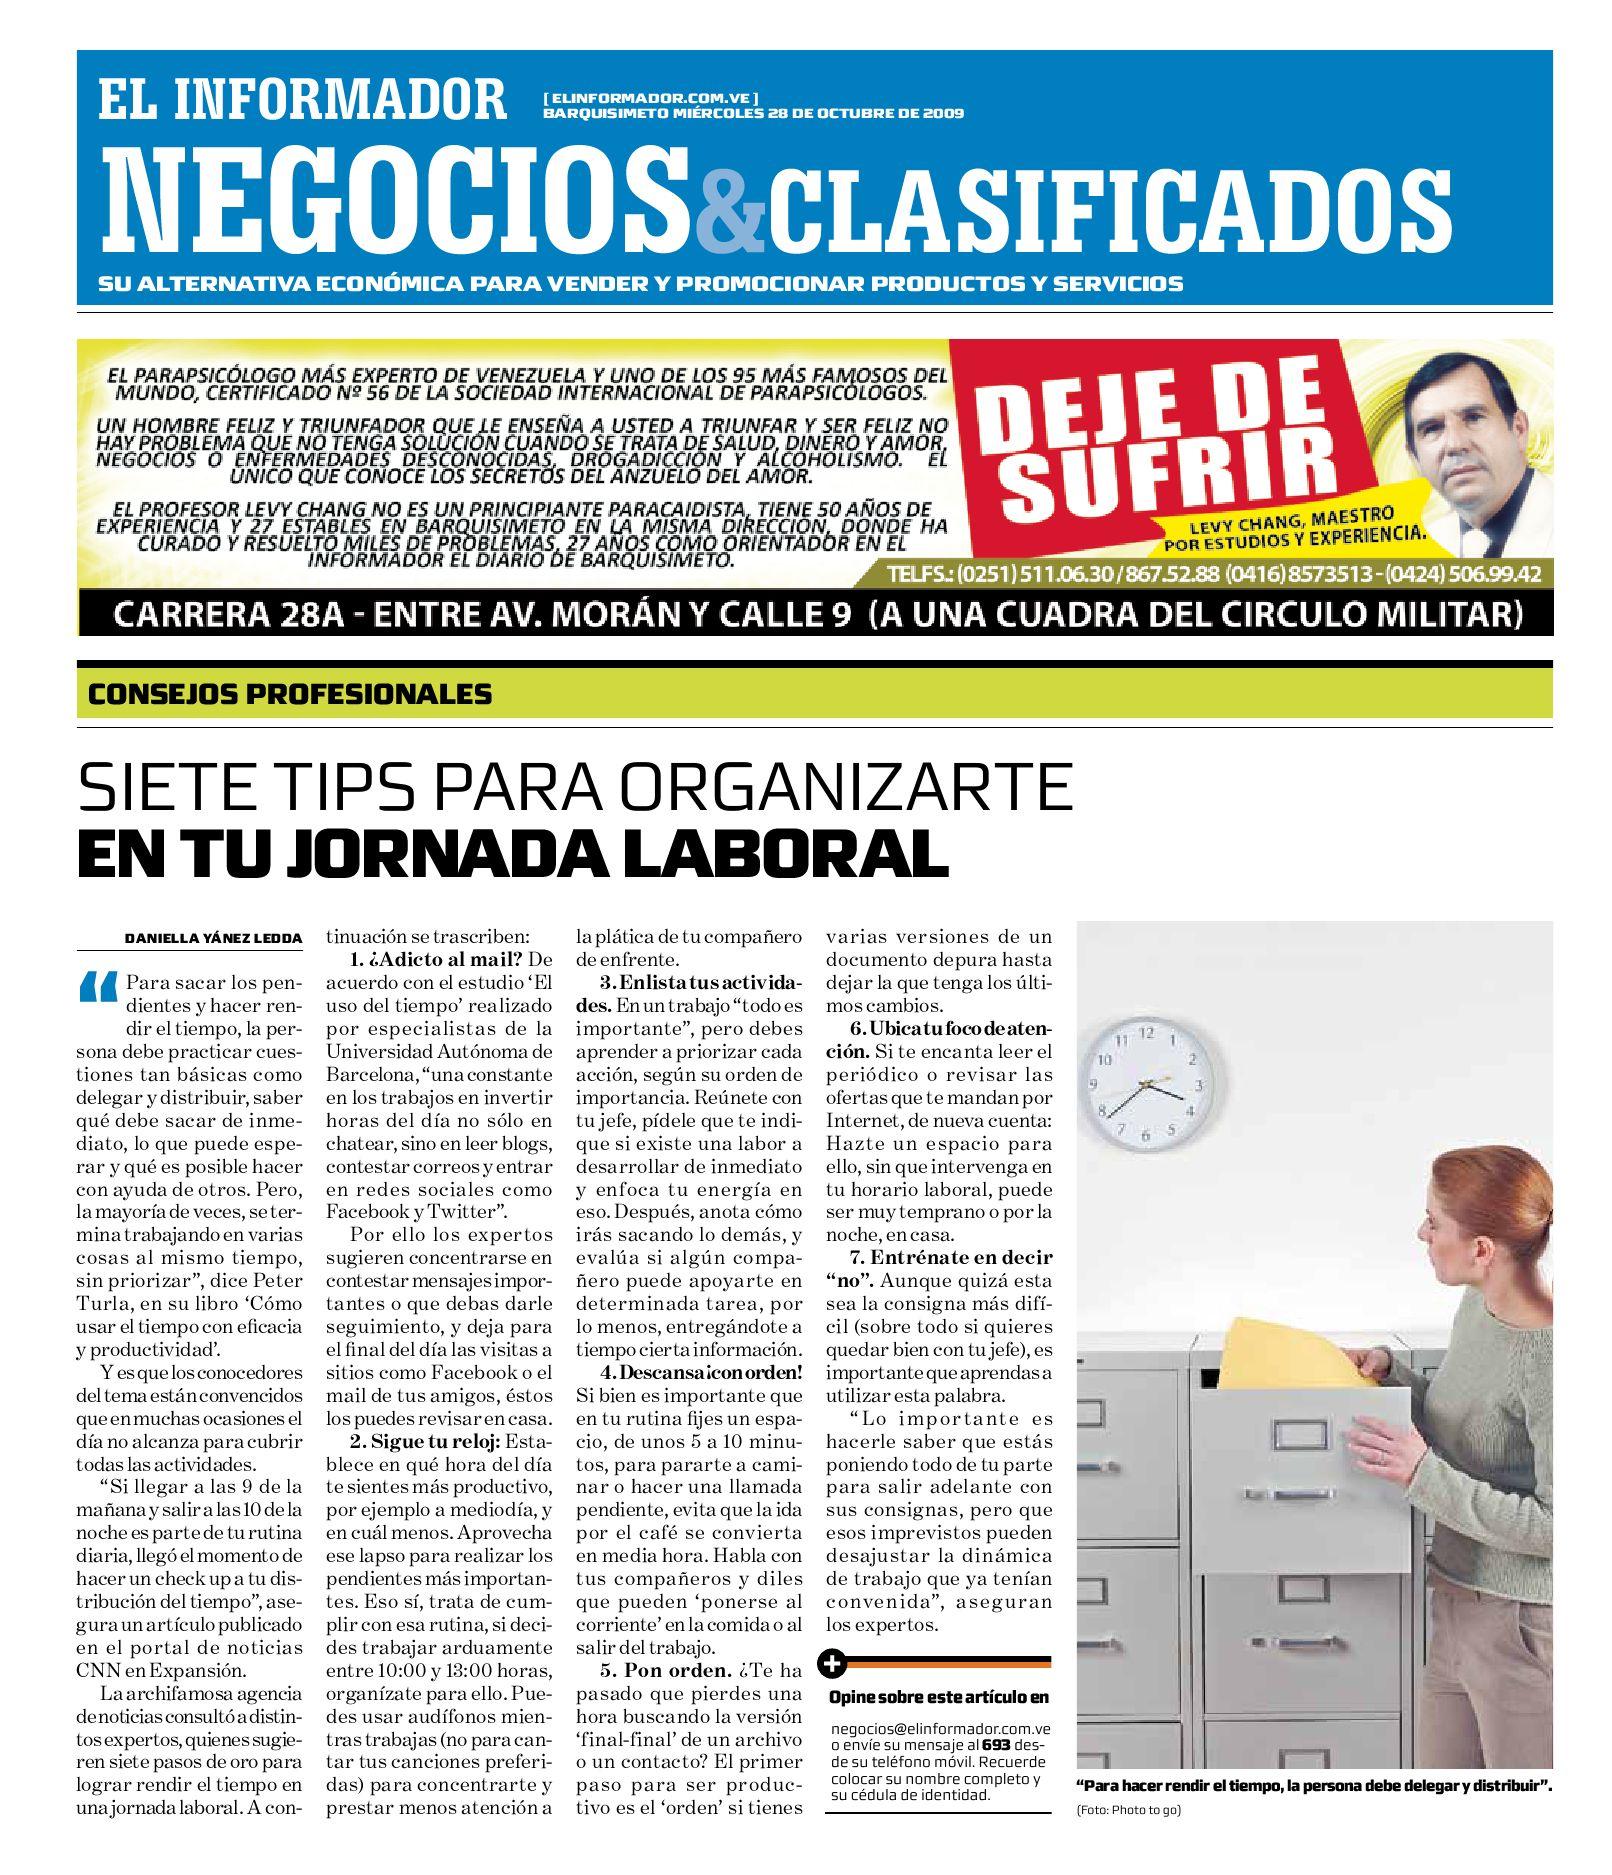 negocios y clasificados 2009.10.28 by El Informador - Diario online ...